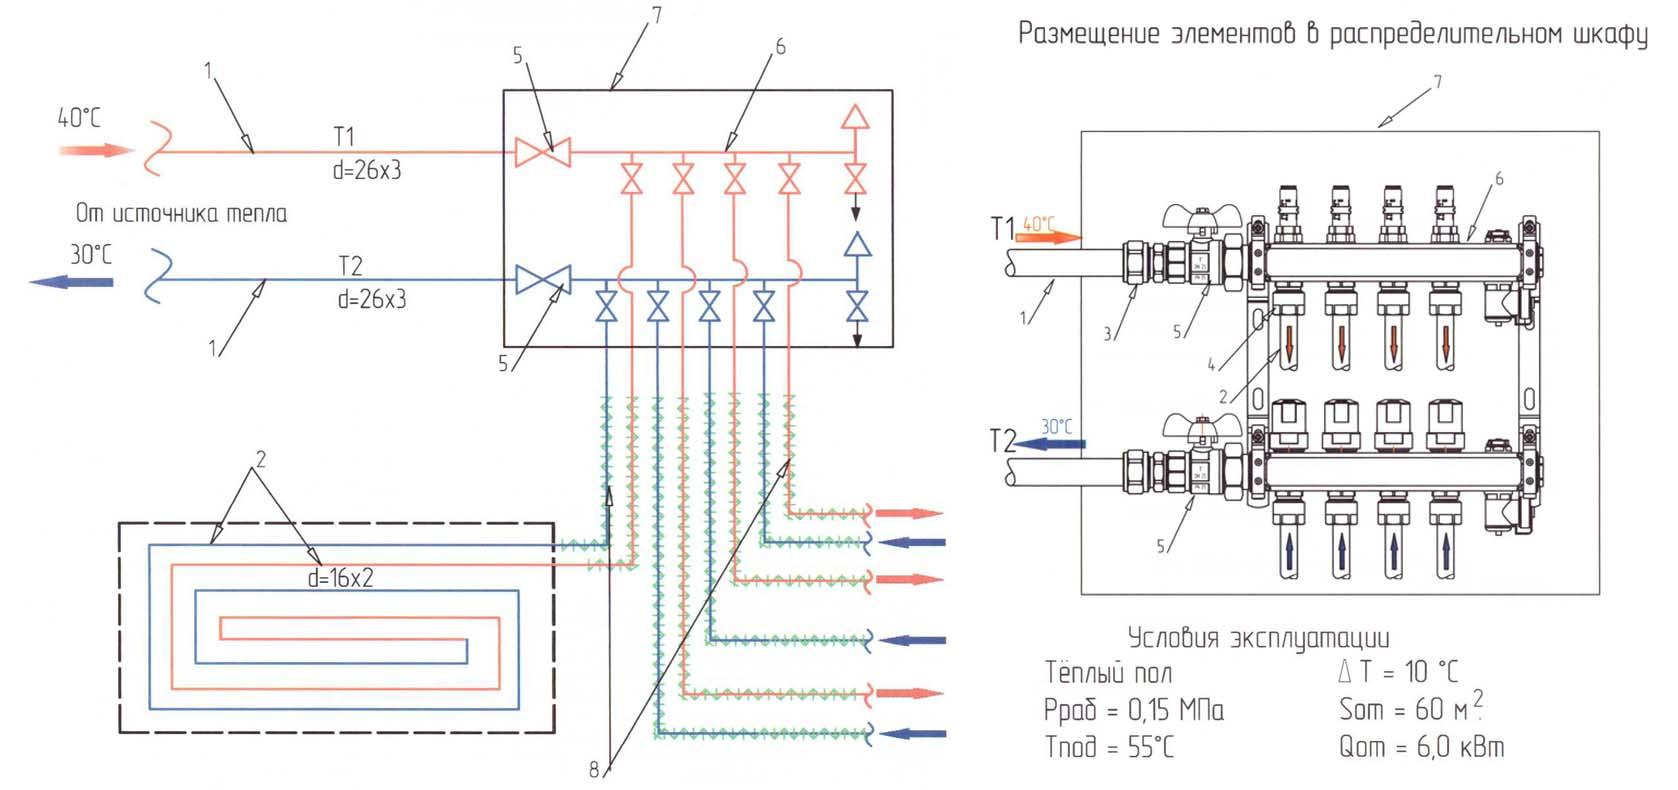 Схема отопления теплых полов 60м2